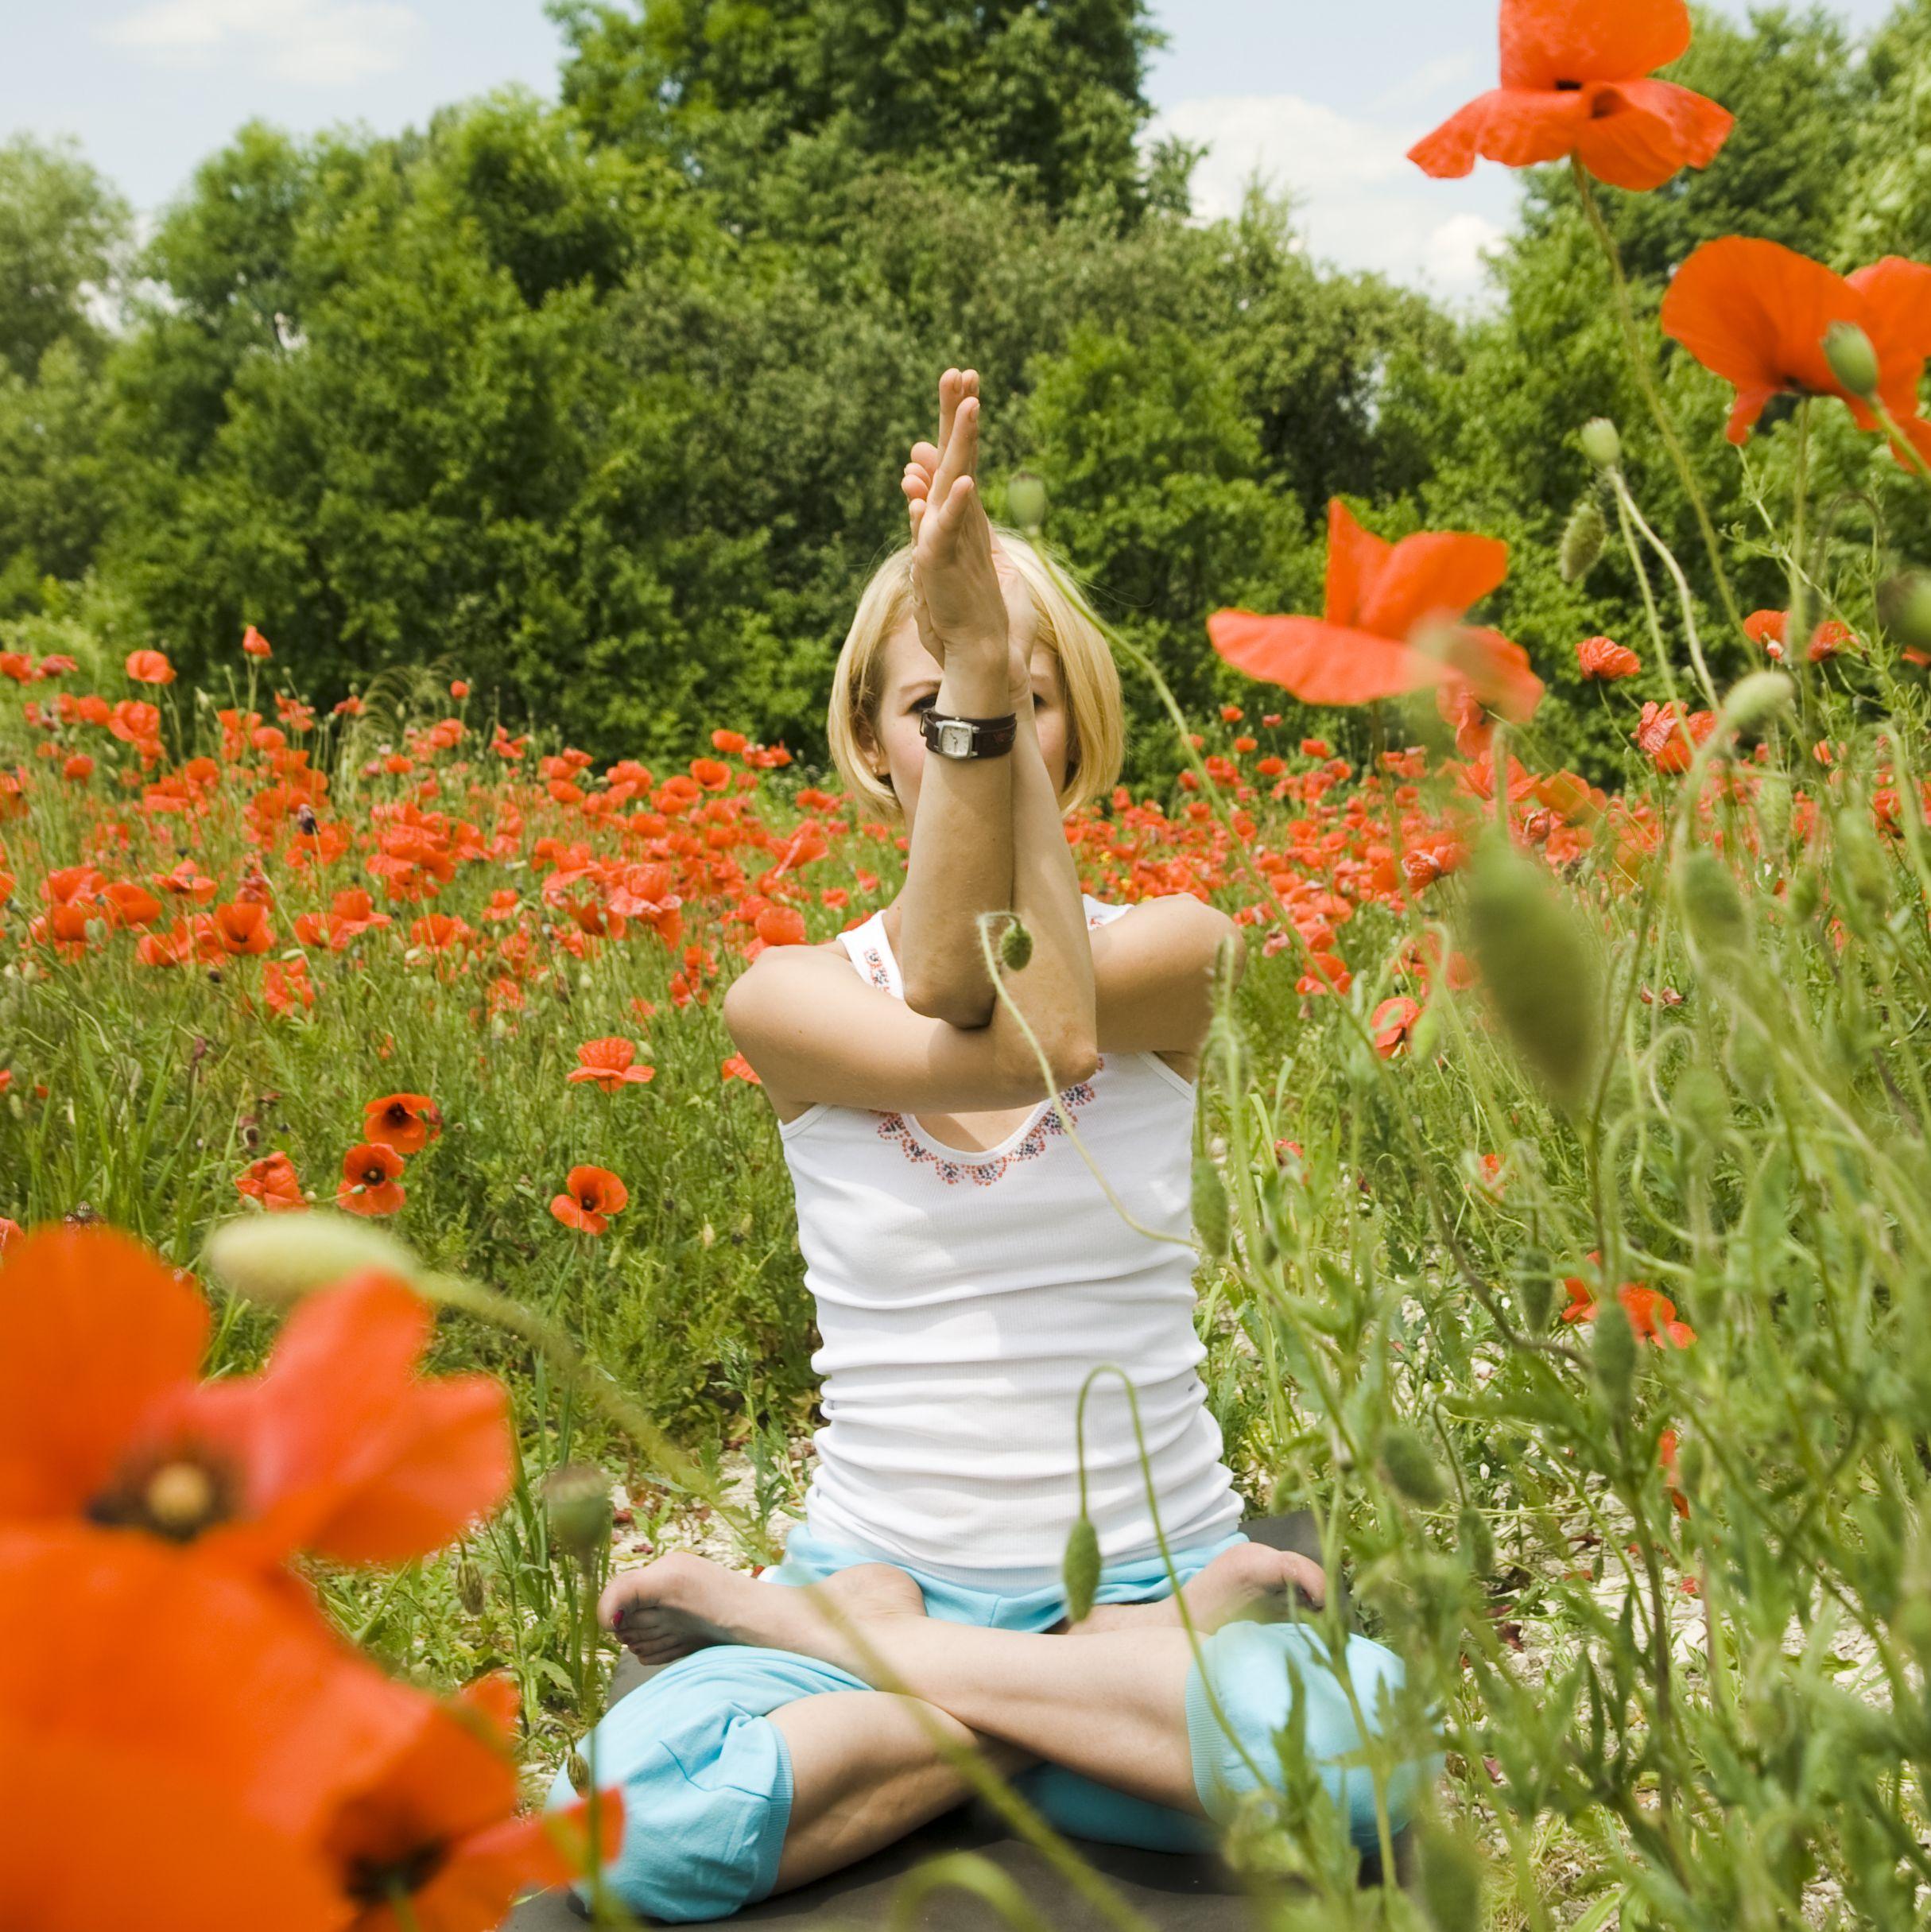 O zdrowiu z medytacyjnej perspektywy – nauki sufich